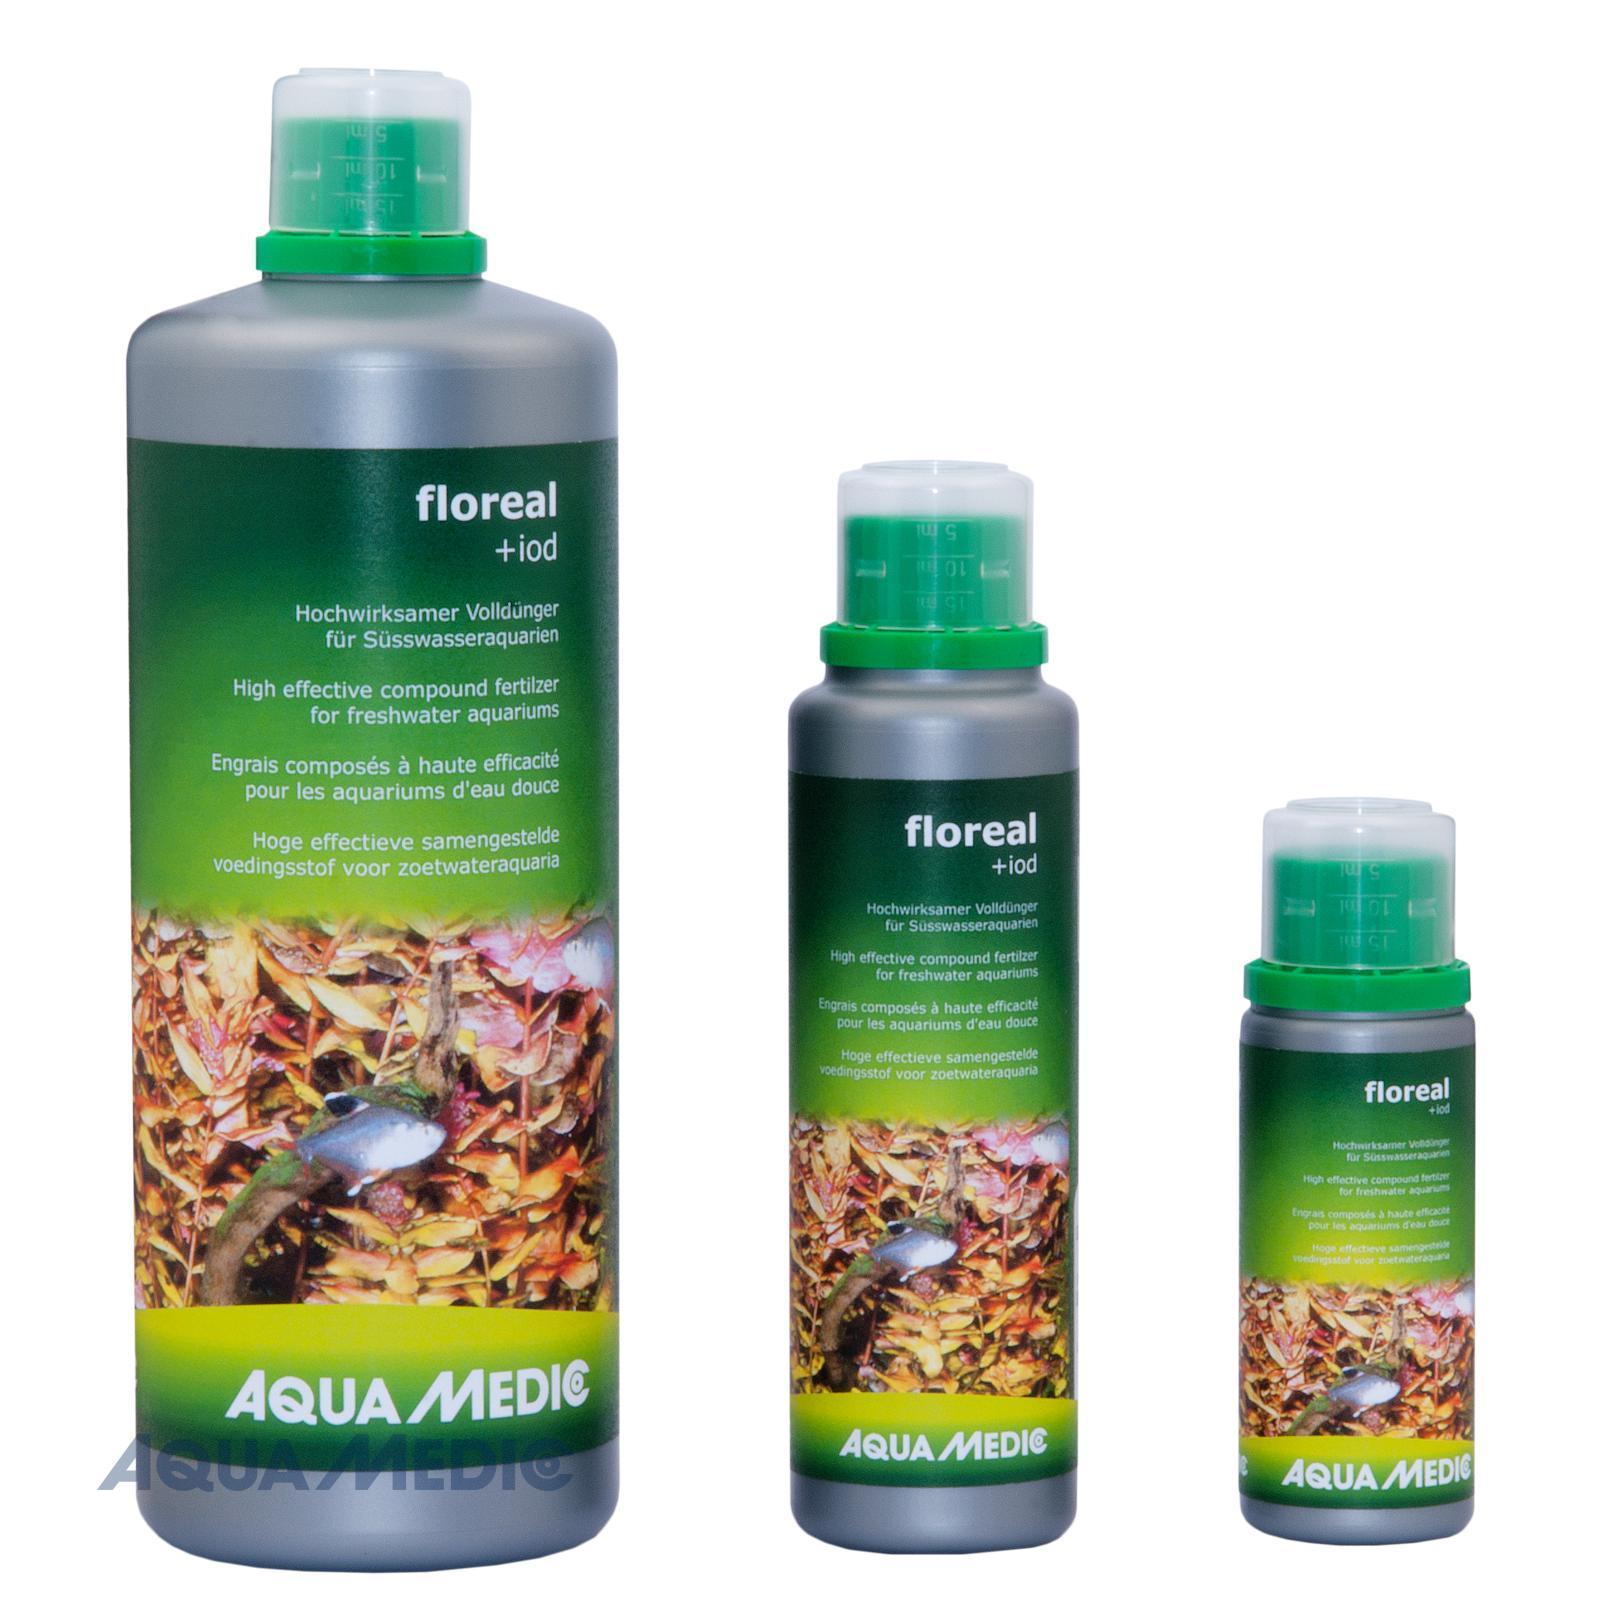 floreal + iod 100 ml - Hochwirksamer Volldünger für Süßwasseraquarien